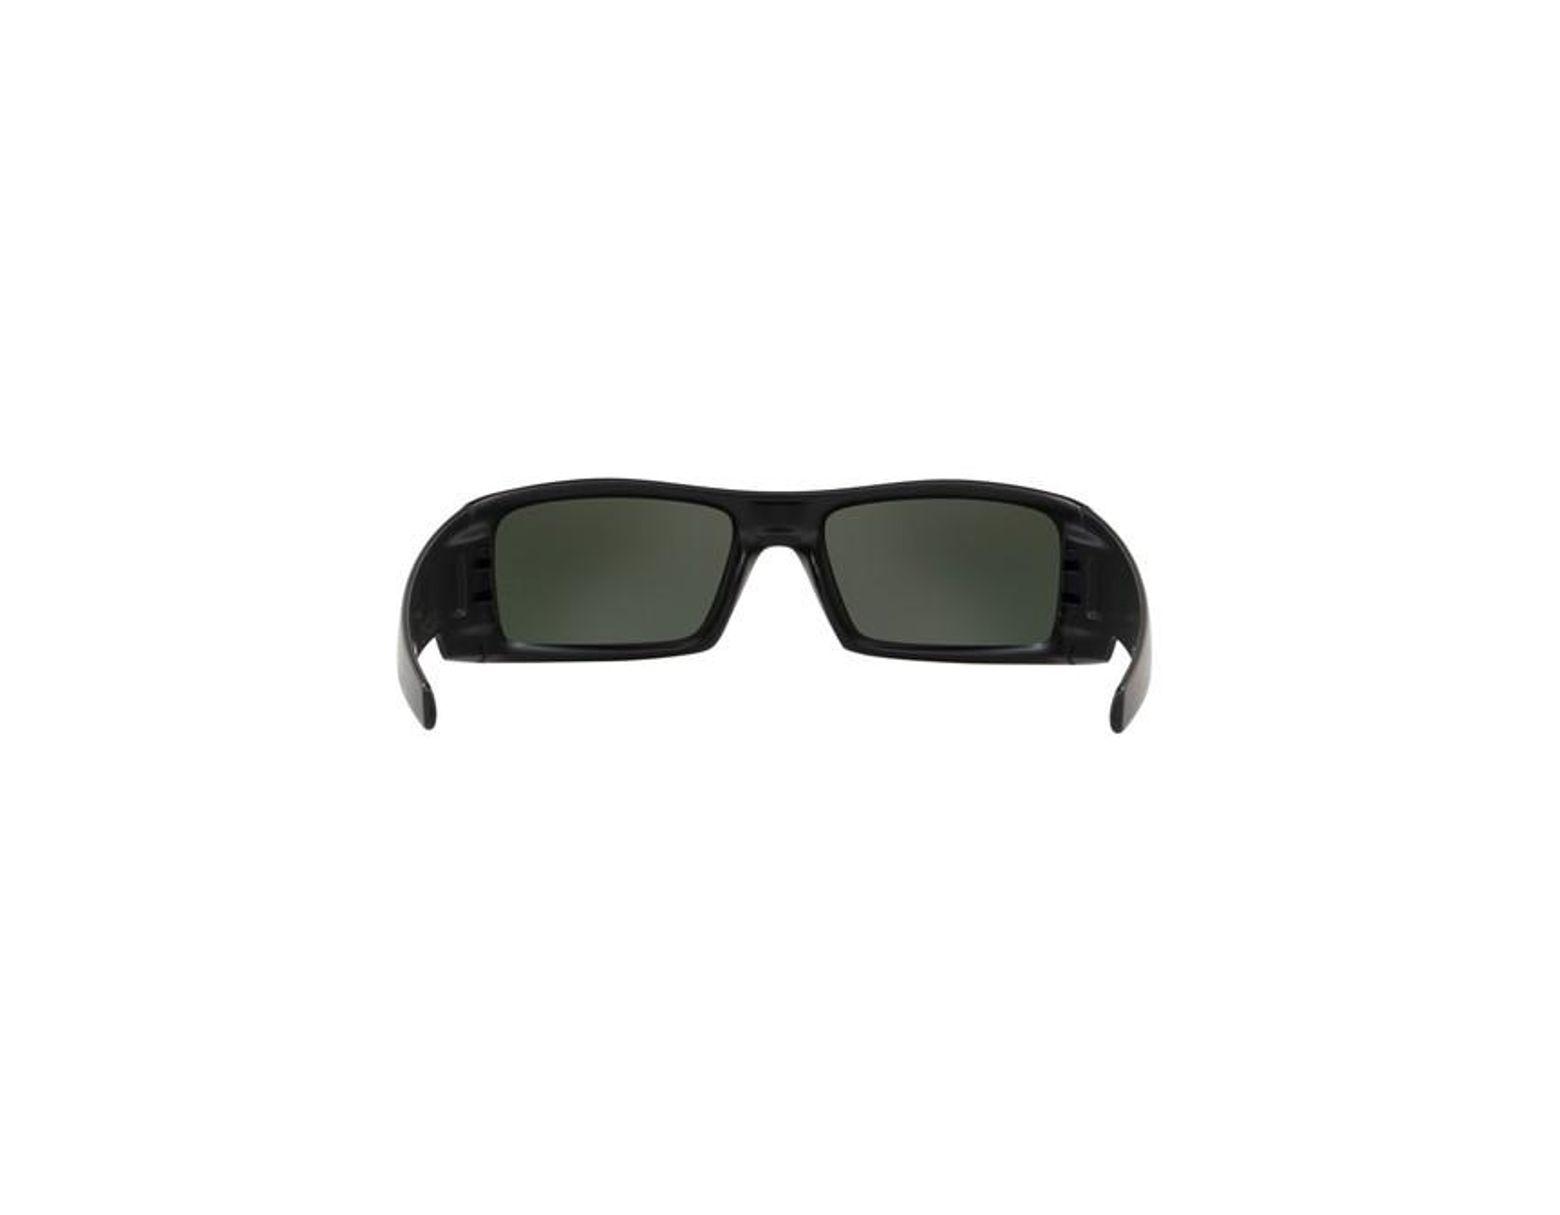 045f15c45a Lunettes de soleil GASCAN OO9014 Oakley pour homme en coloris Noir - Lyst